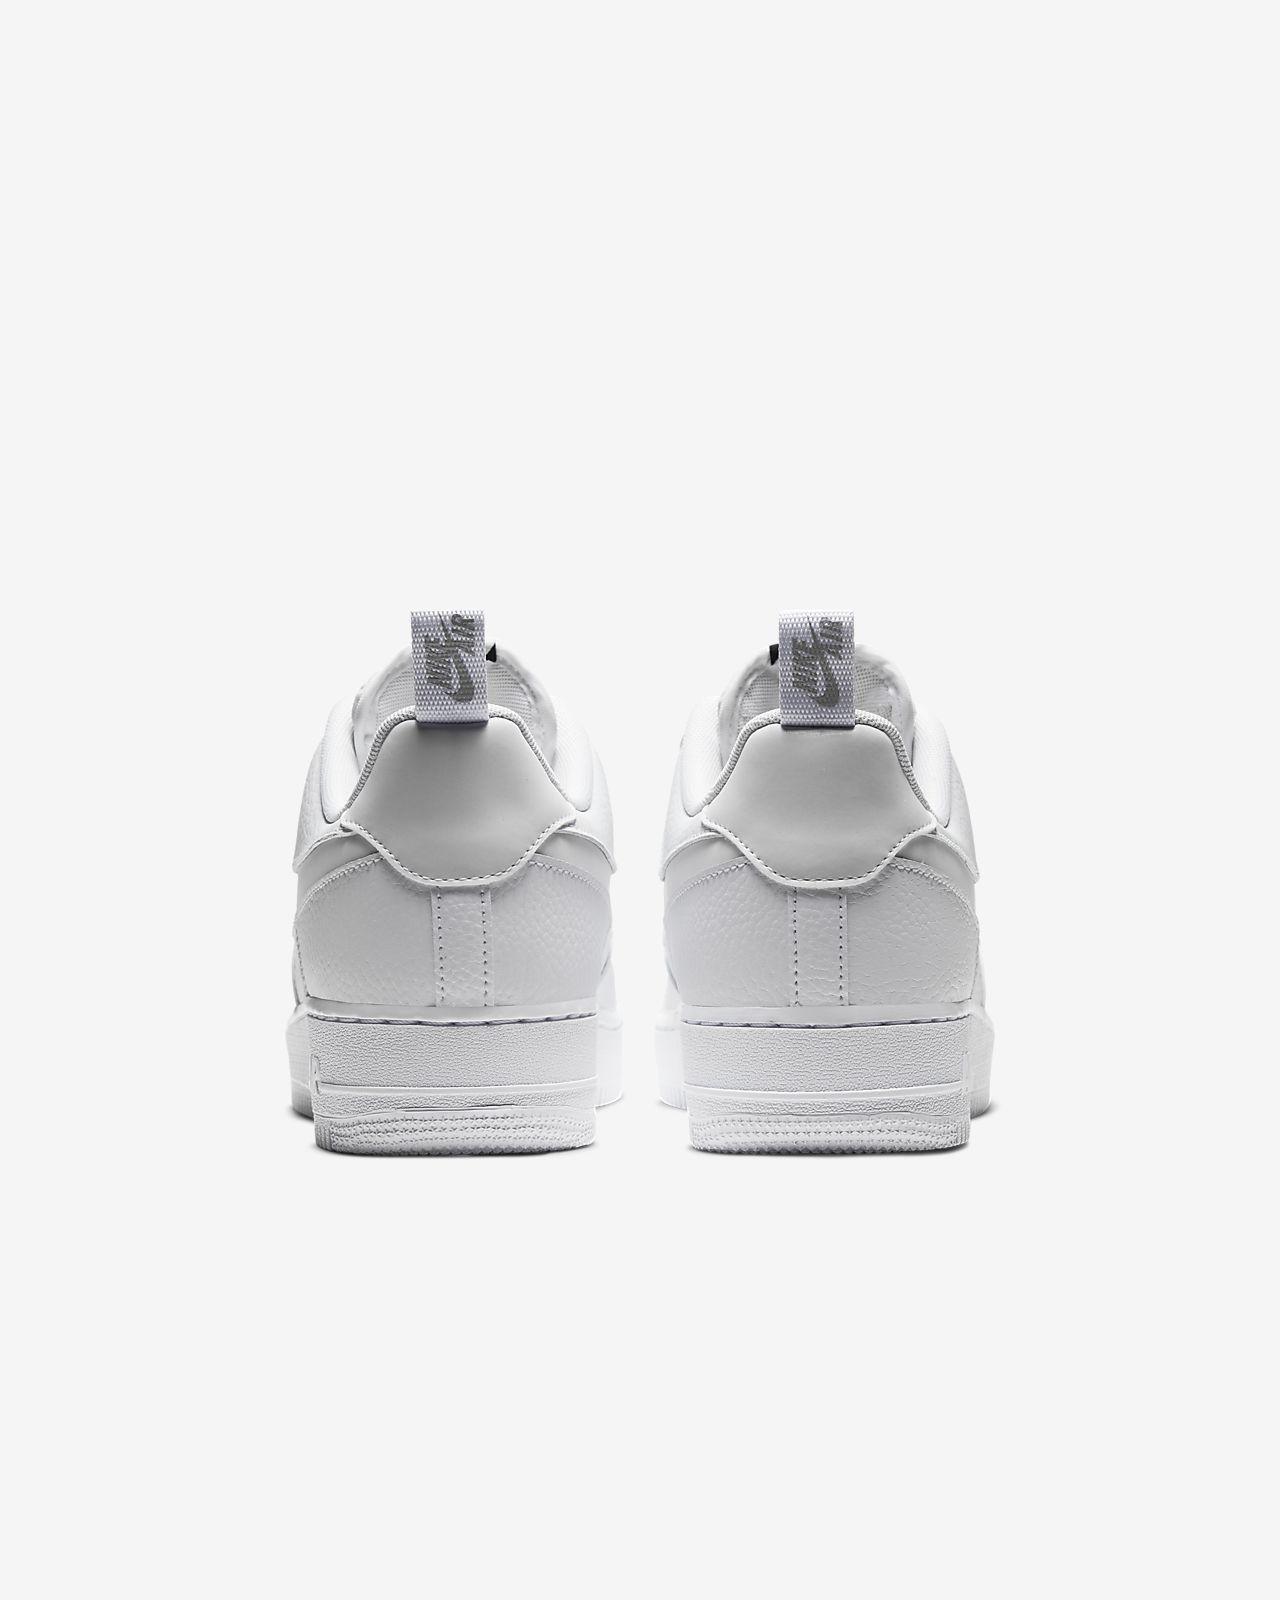 Sko Nike Air Force 1 LV8 Utility för män